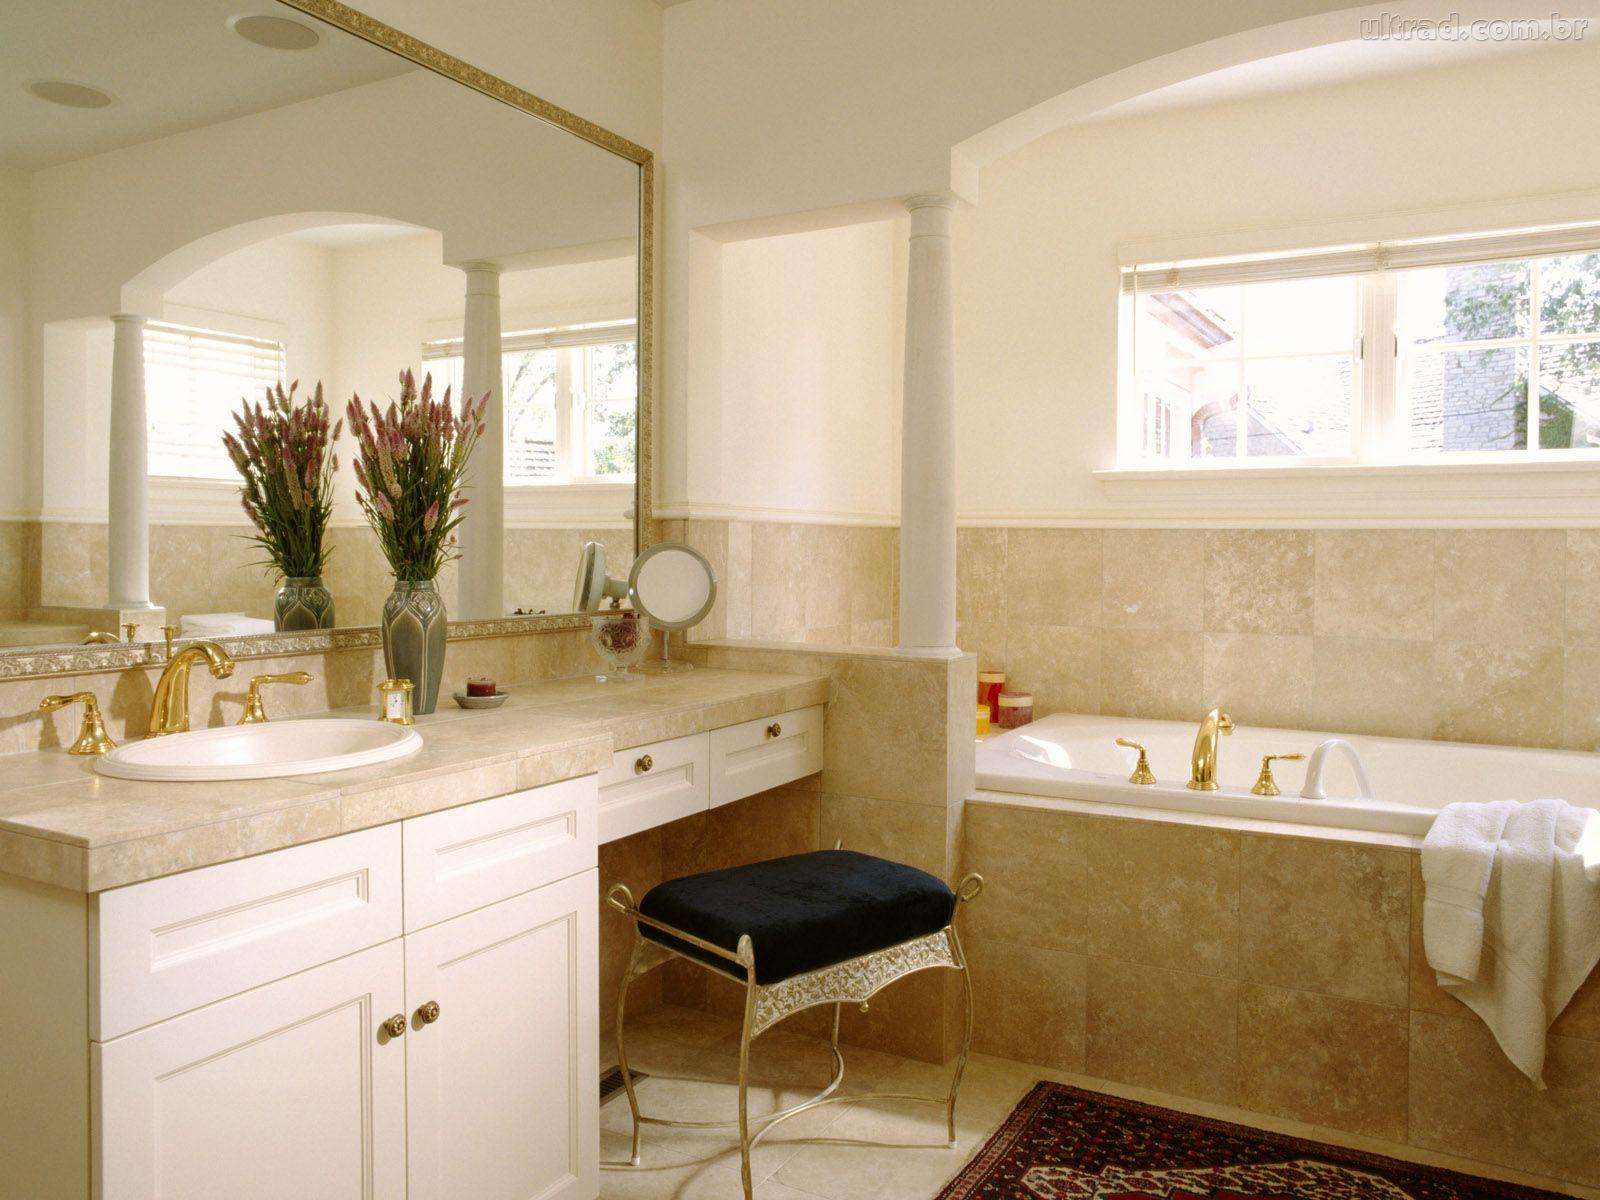 Construindo Minha Casa Clean: Projeto do Banheiro da Suíte! #6A4518 1600 1200